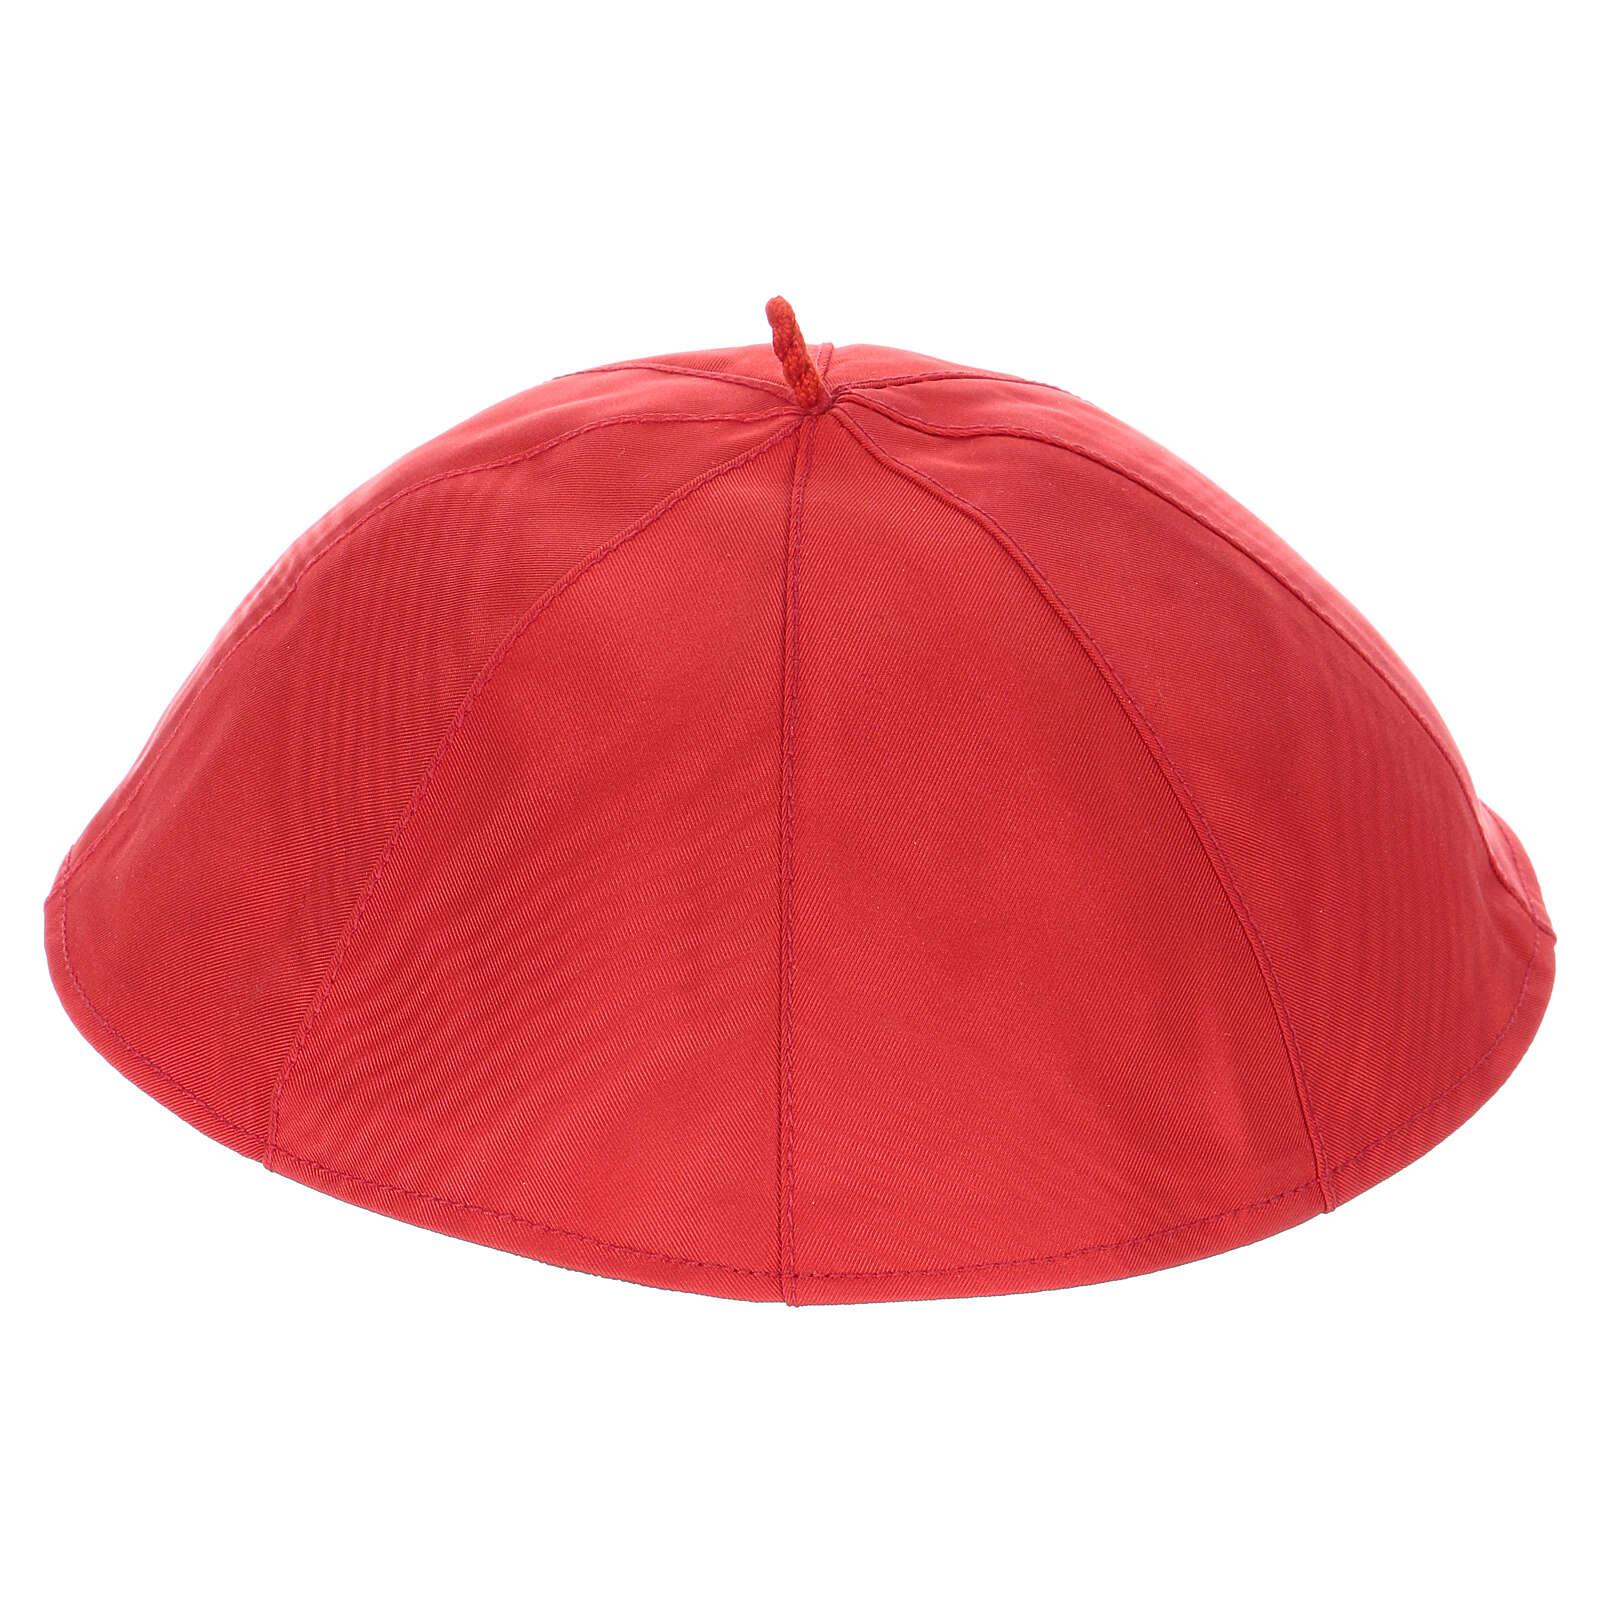 Zucchetto in pure silk, red 3